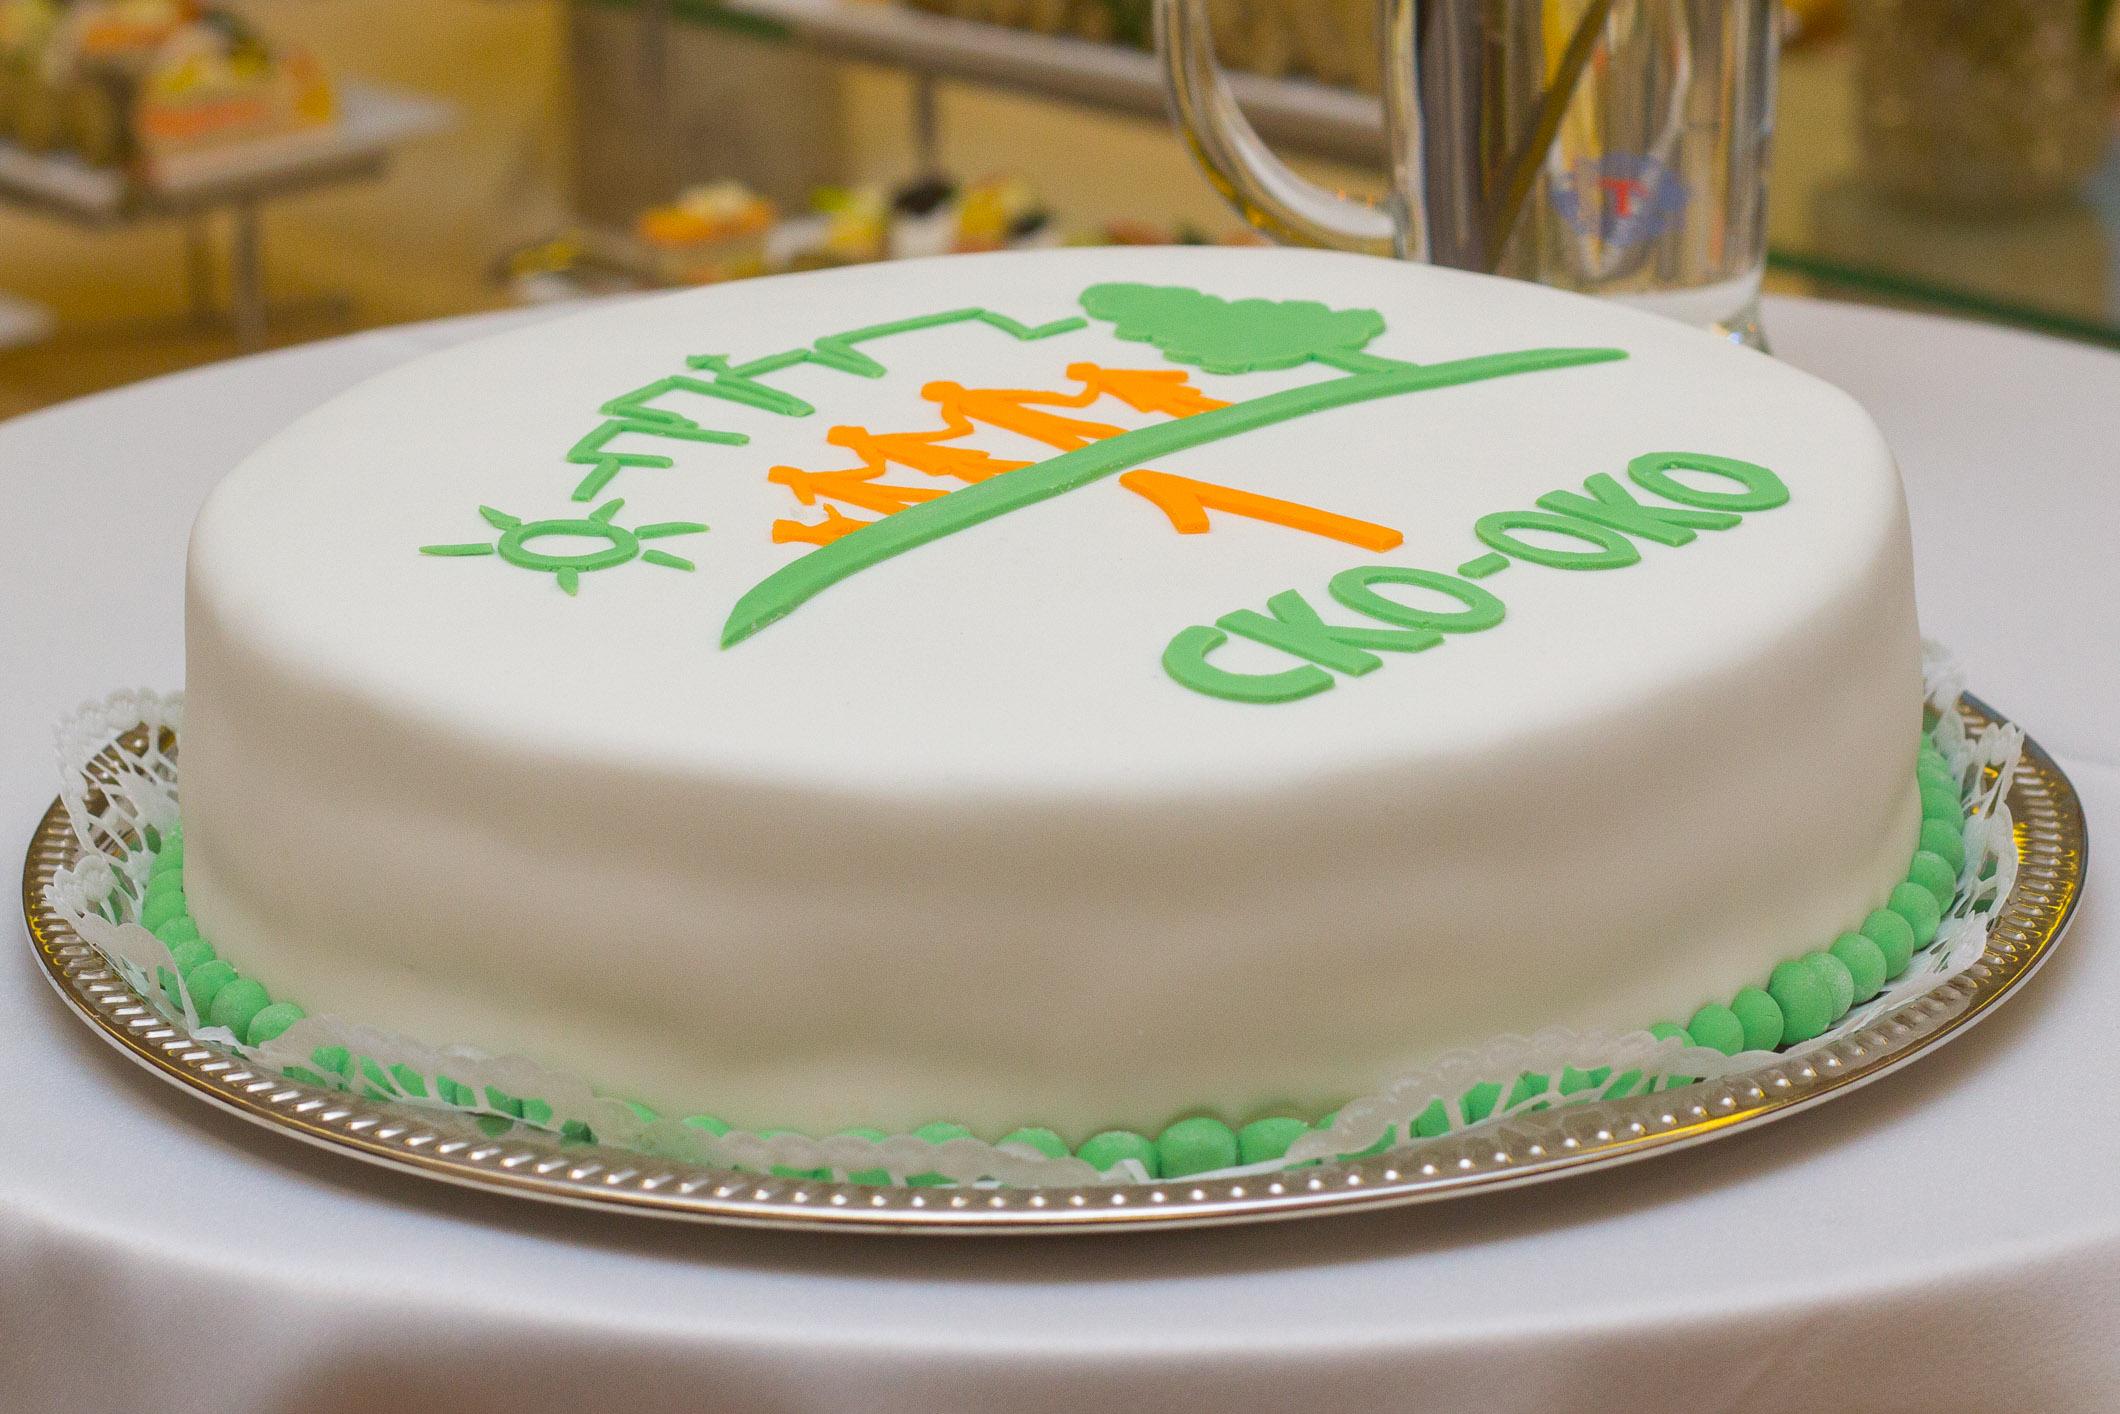 torta-obcianskeho-centra-zvolen